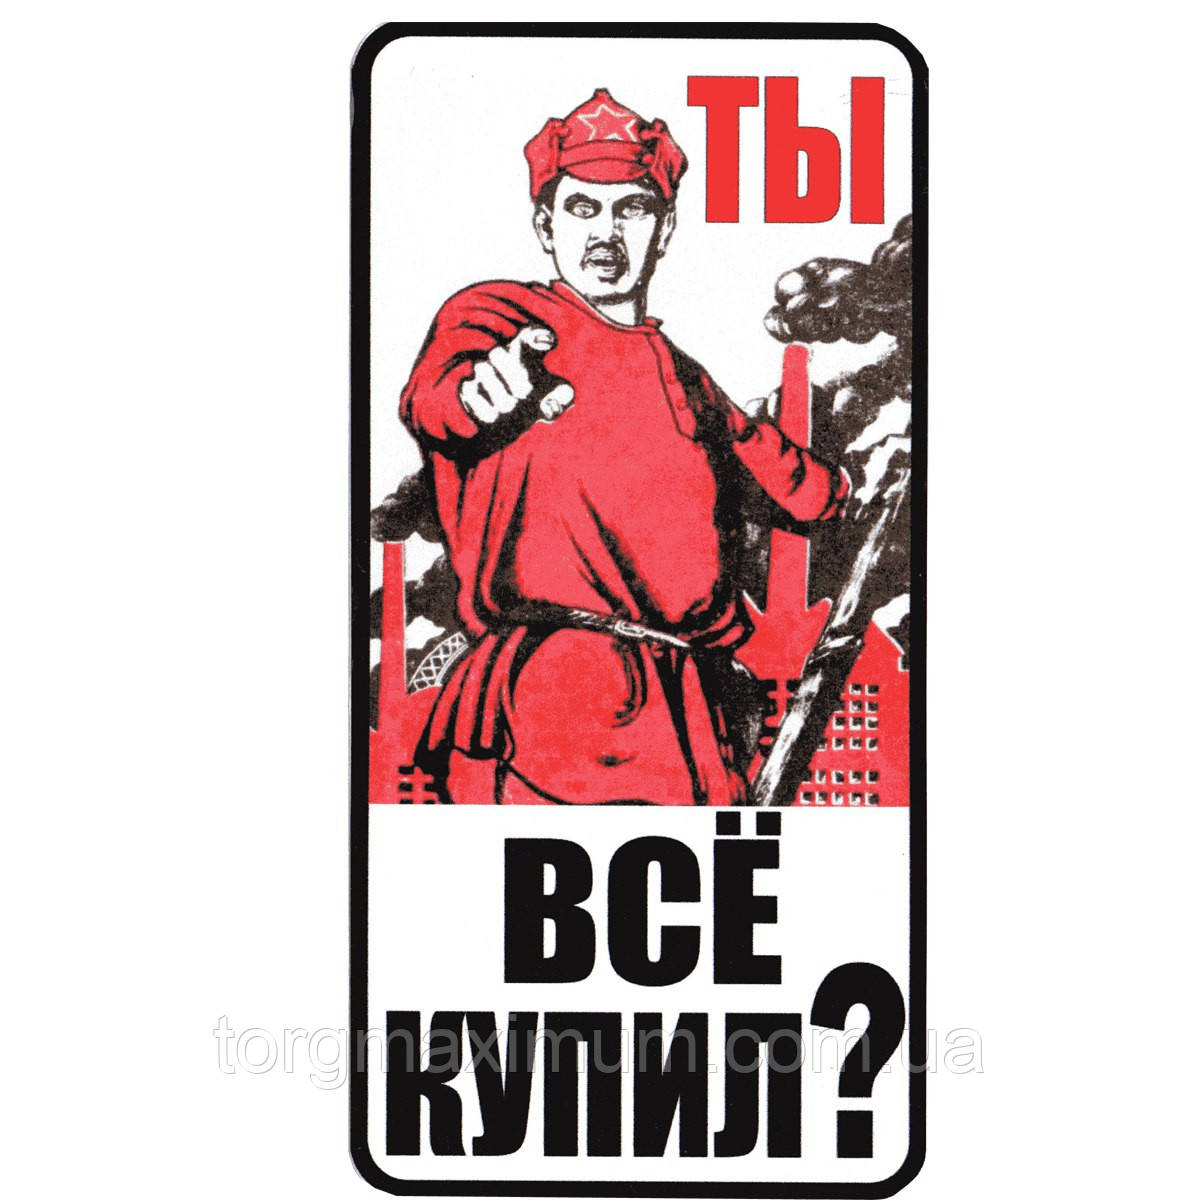 """Наклейка """"Ты все купил?"""" (ТН-12) - Интернет-магазин """"Smart choice"""" в Харькове"""